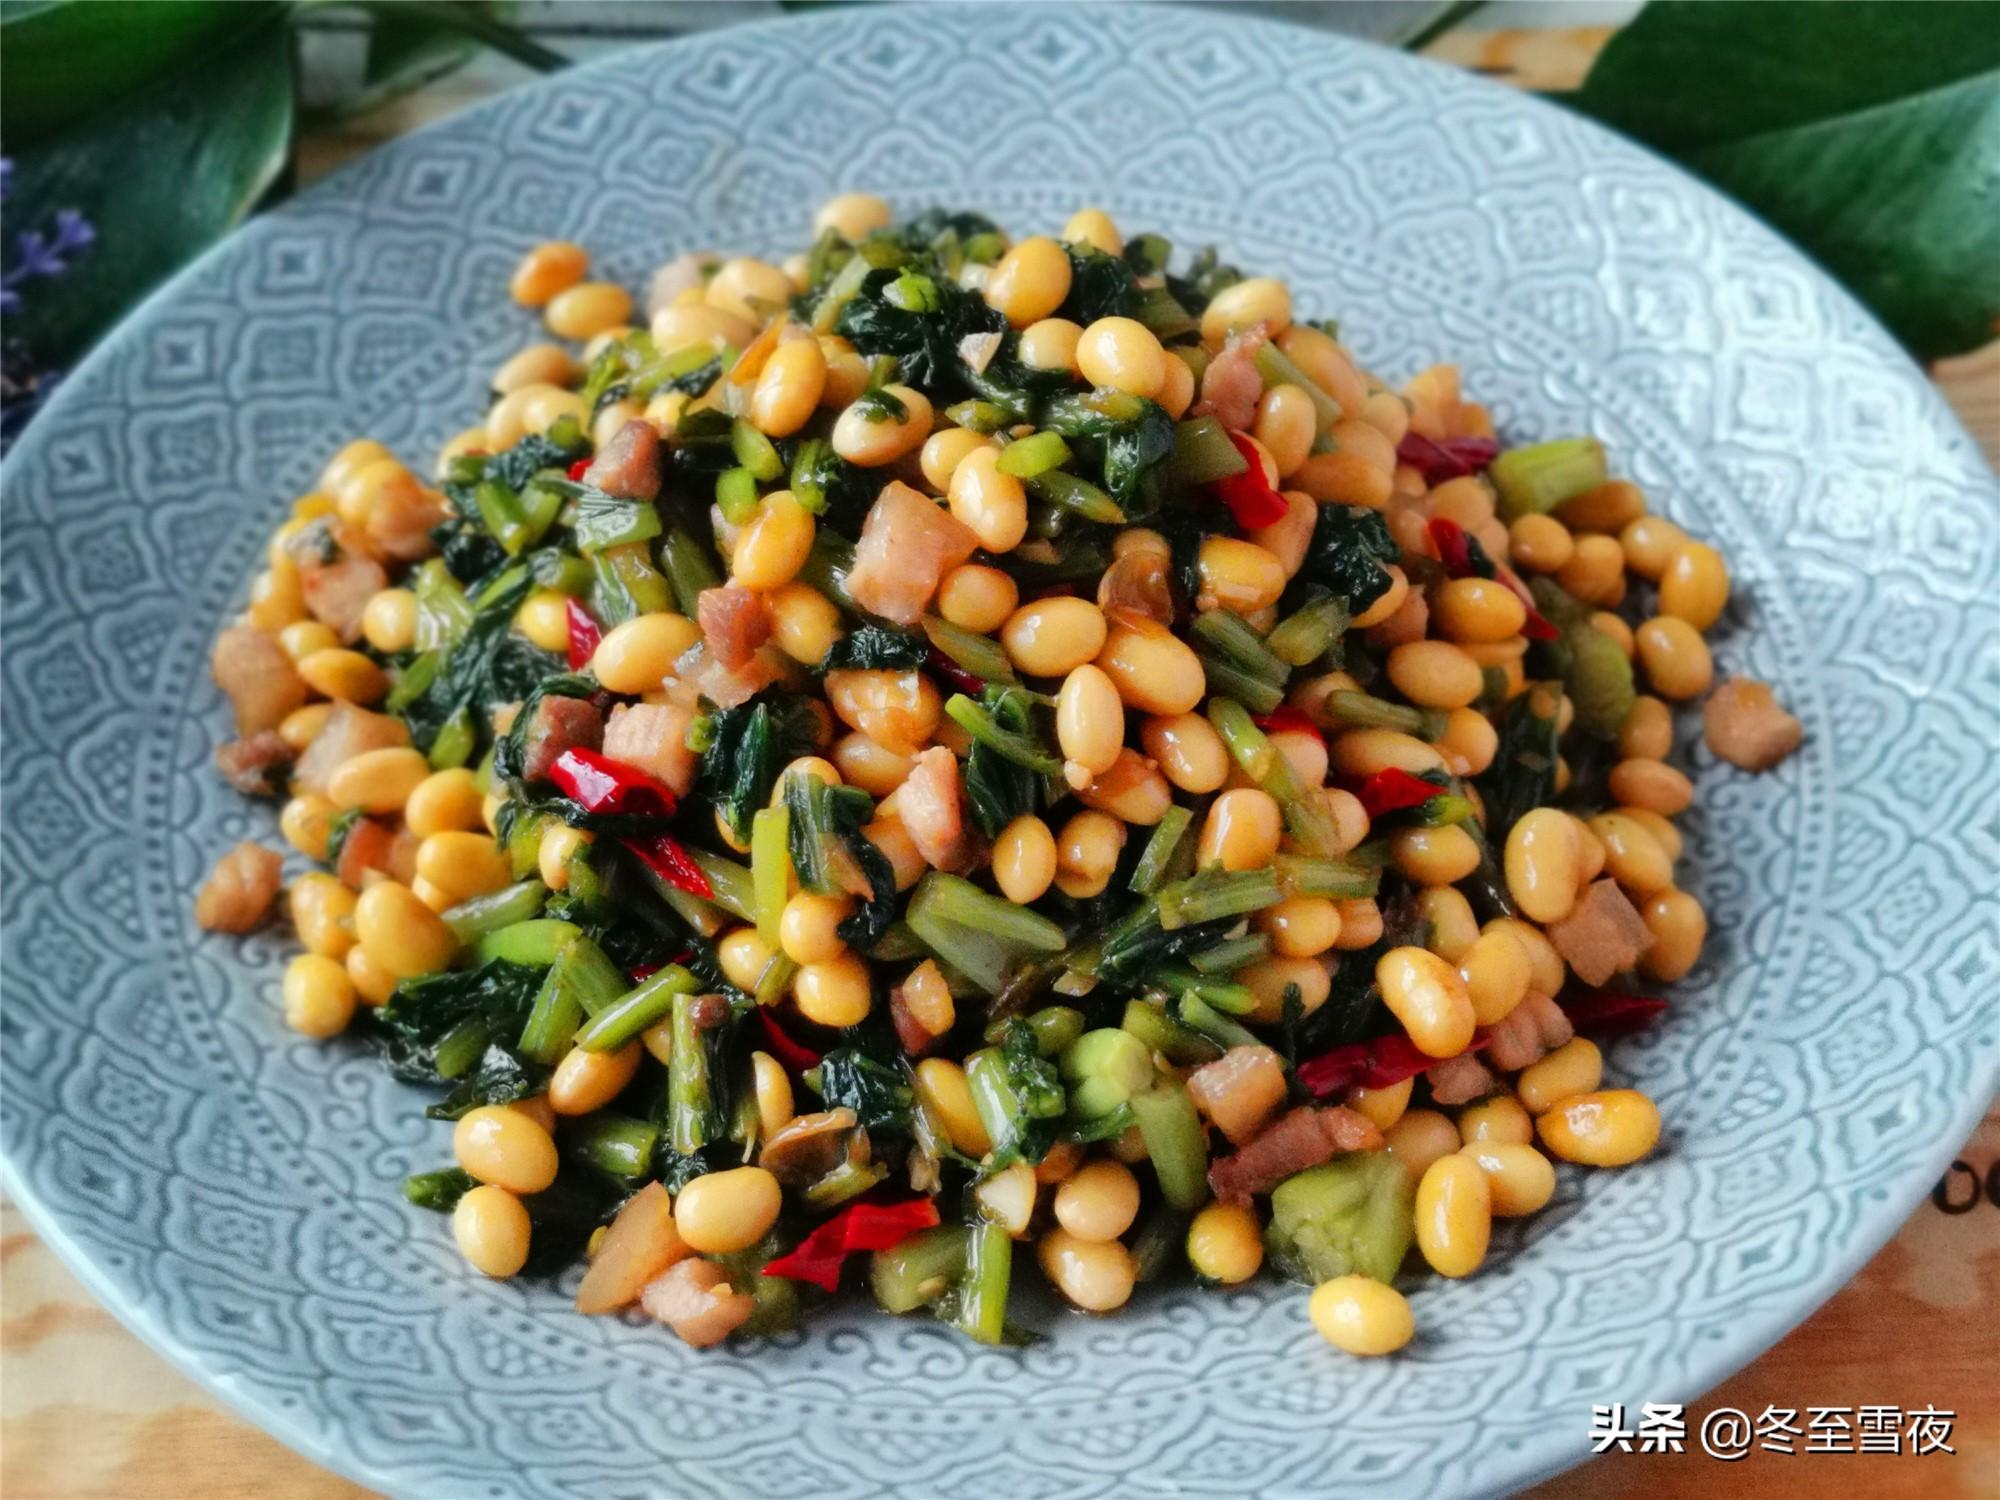 冬季,东北人最稀罕吃的14道家常菜,都是东北味儿,家常又好吃 东北菜谱 第7张